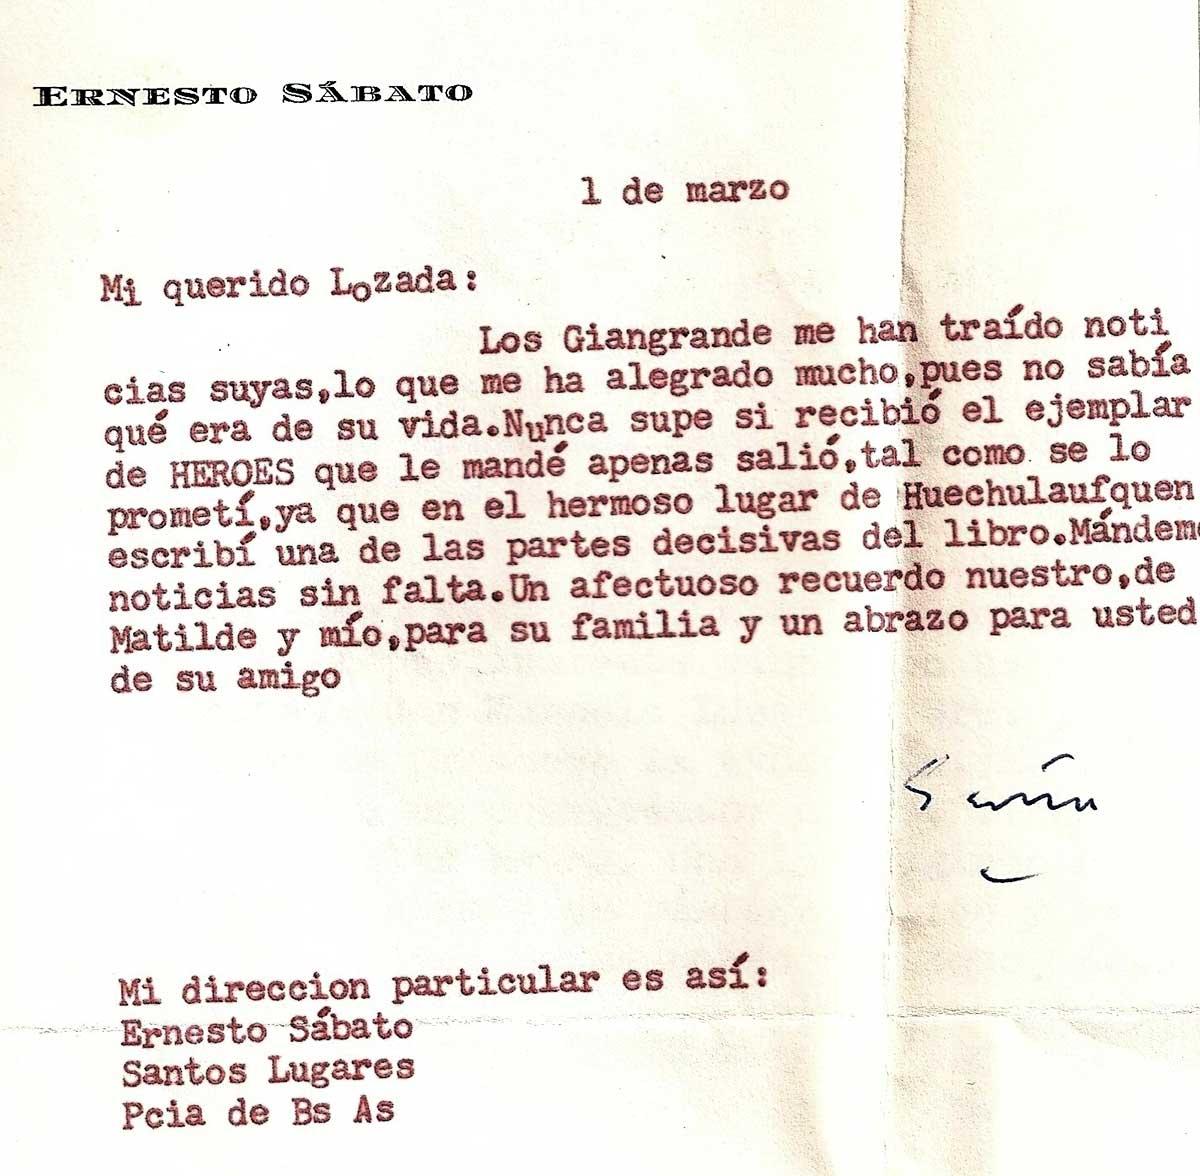 El texto de esta carta confirma los comentarios sobre la influencia del entorno en el final de la novela.